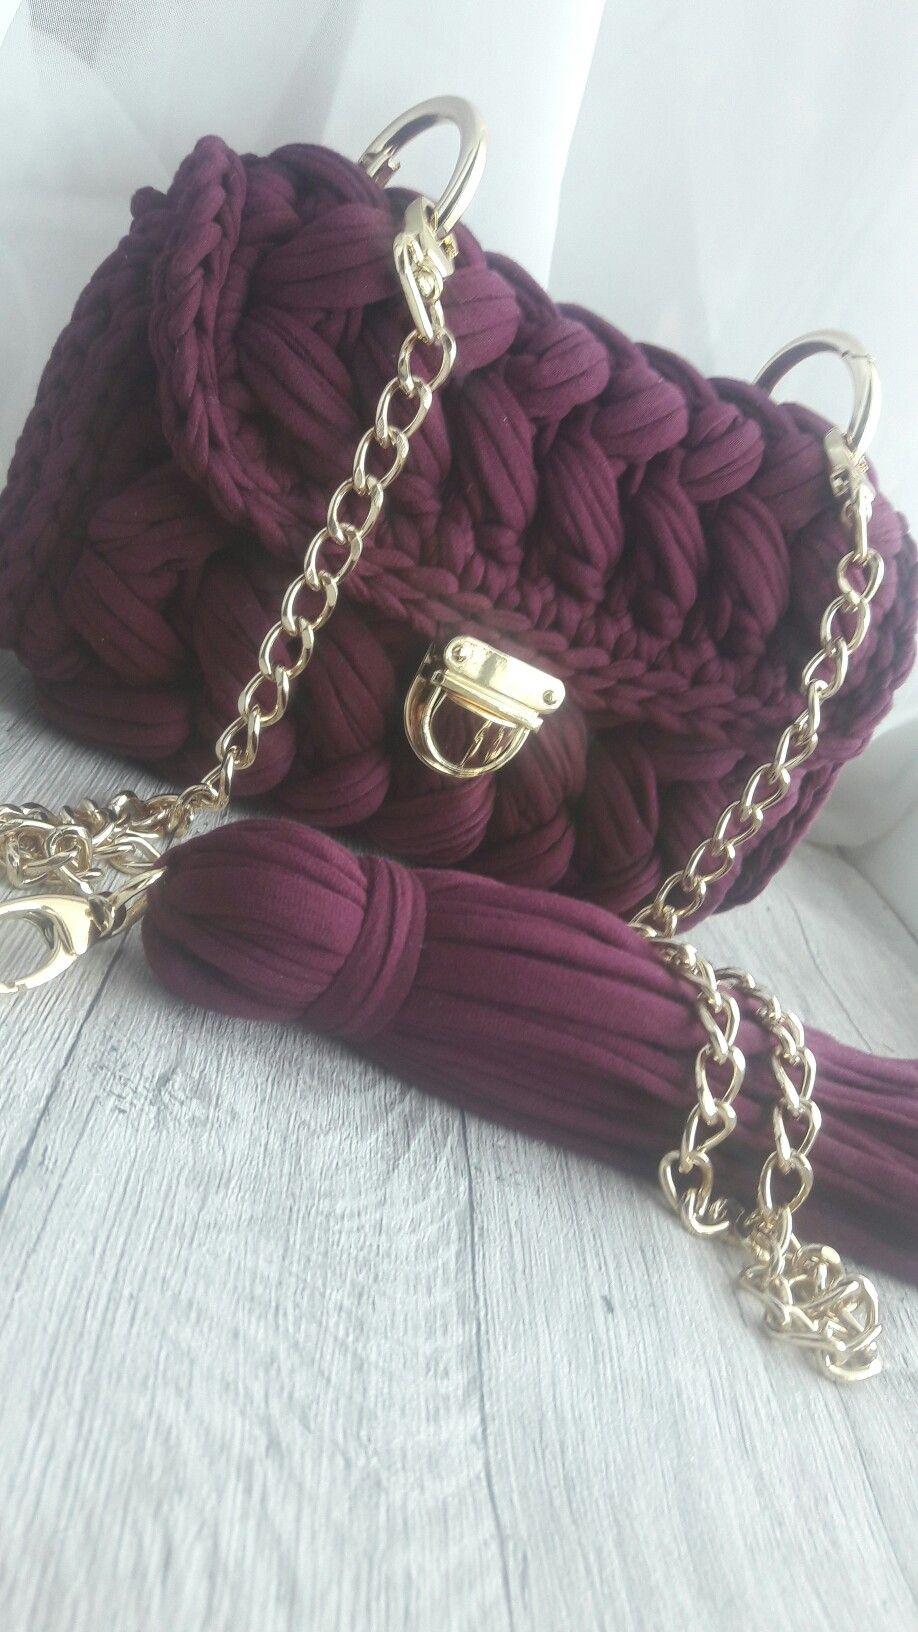 трикотажная сумка зефирка мои работы вязание вязание крючком и